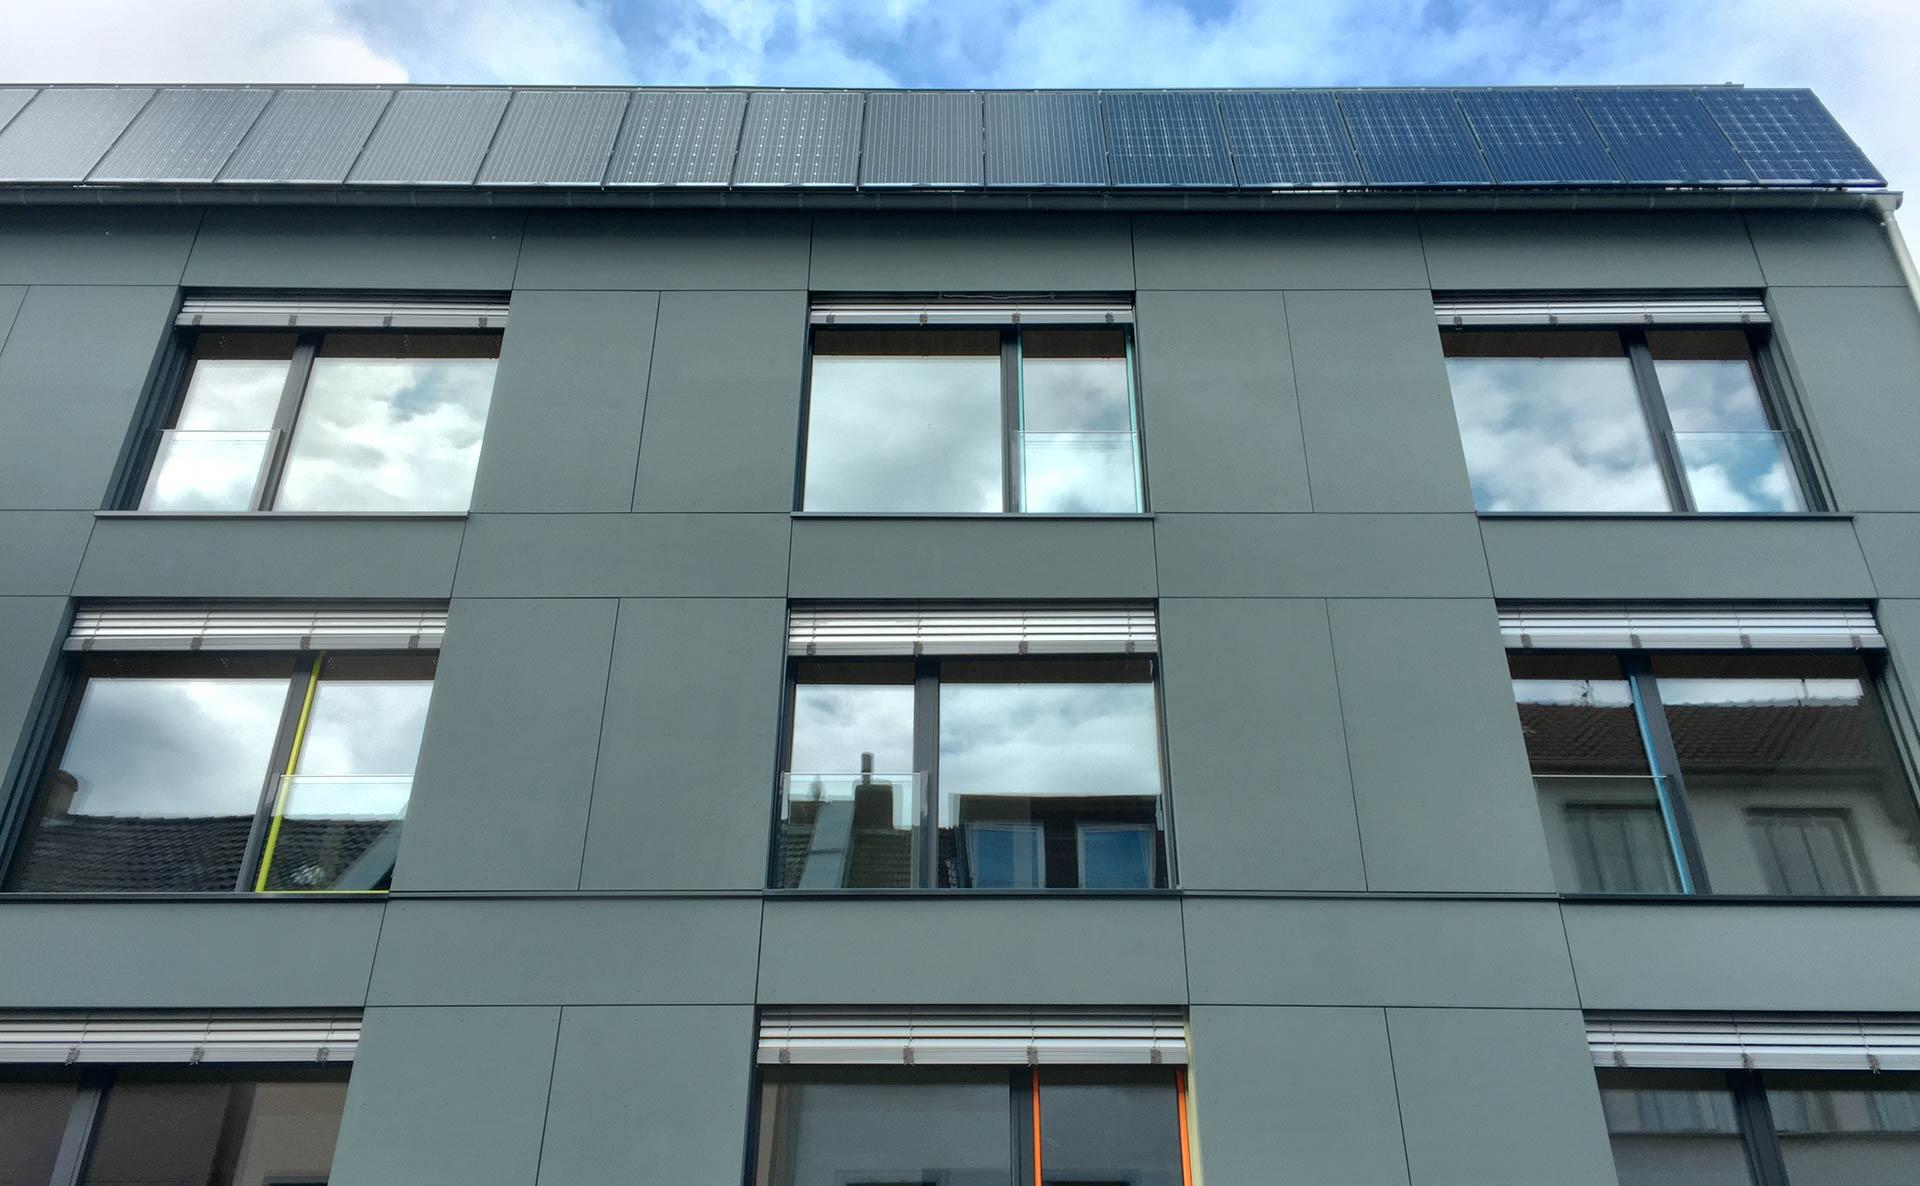 raum für architektur, Kay Künzel, Studentenwohnheim 42, Projekt 42, Bonn